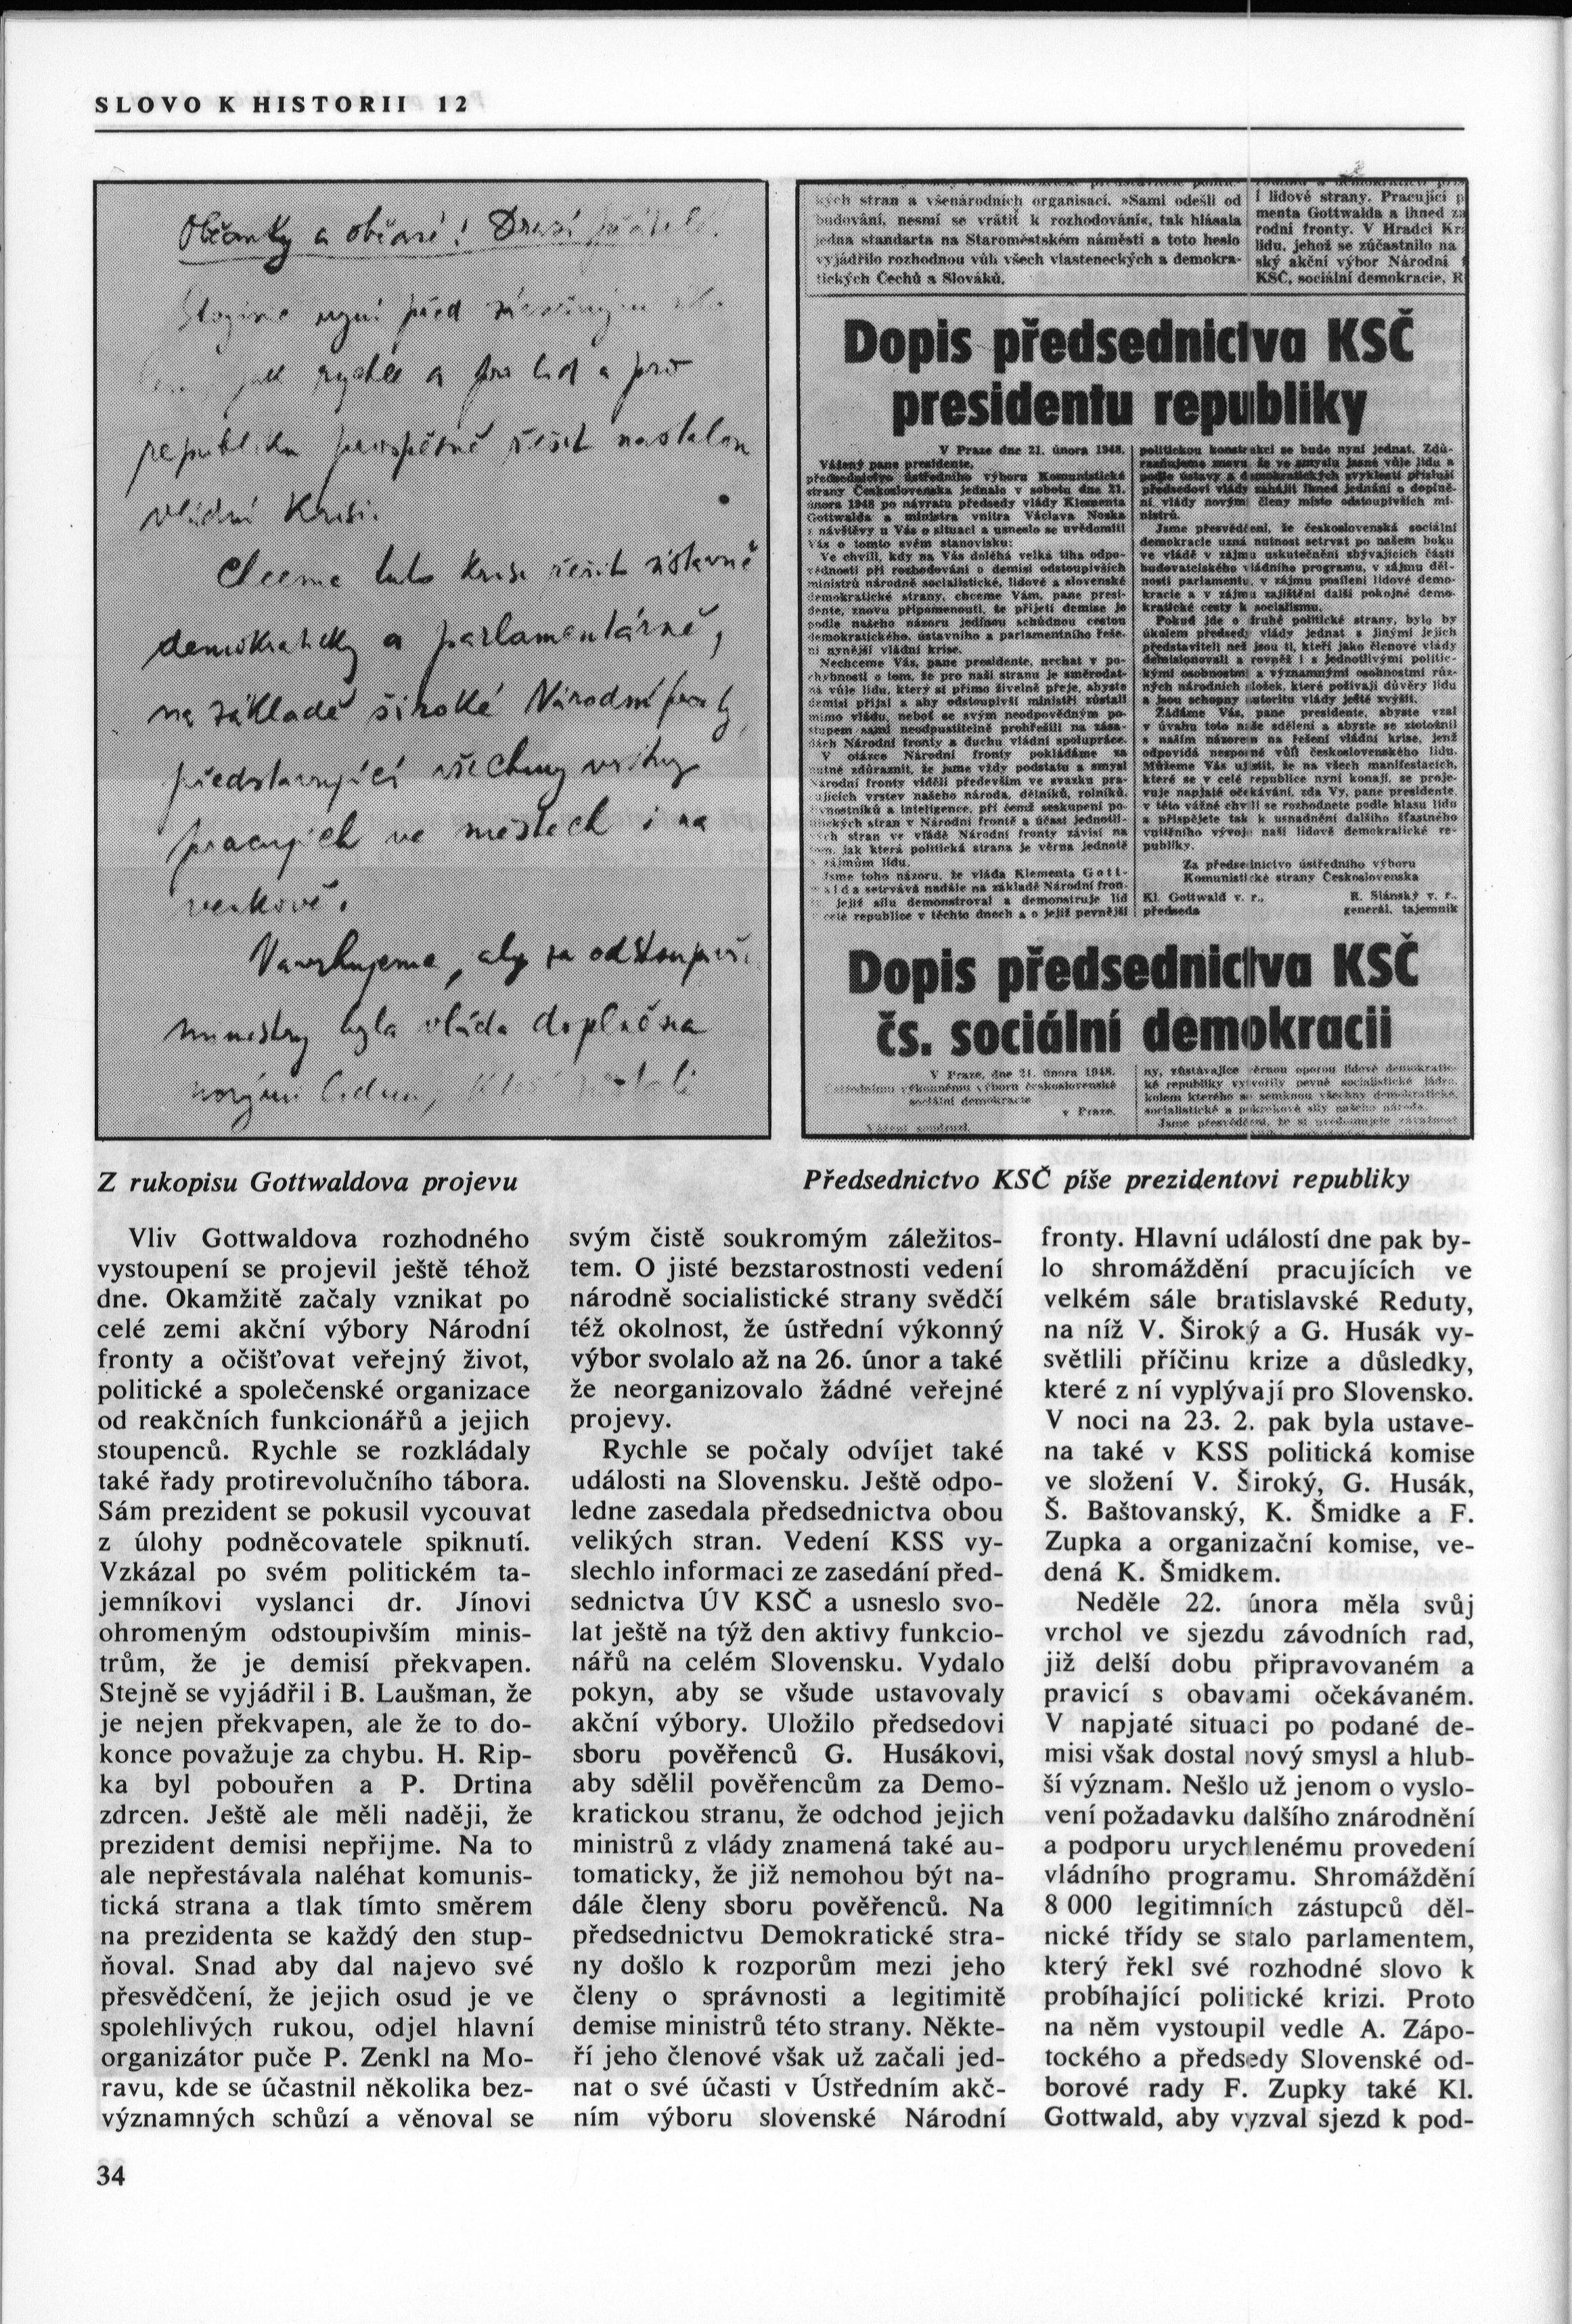 Slovo K Historii 12 1948, Seite 34